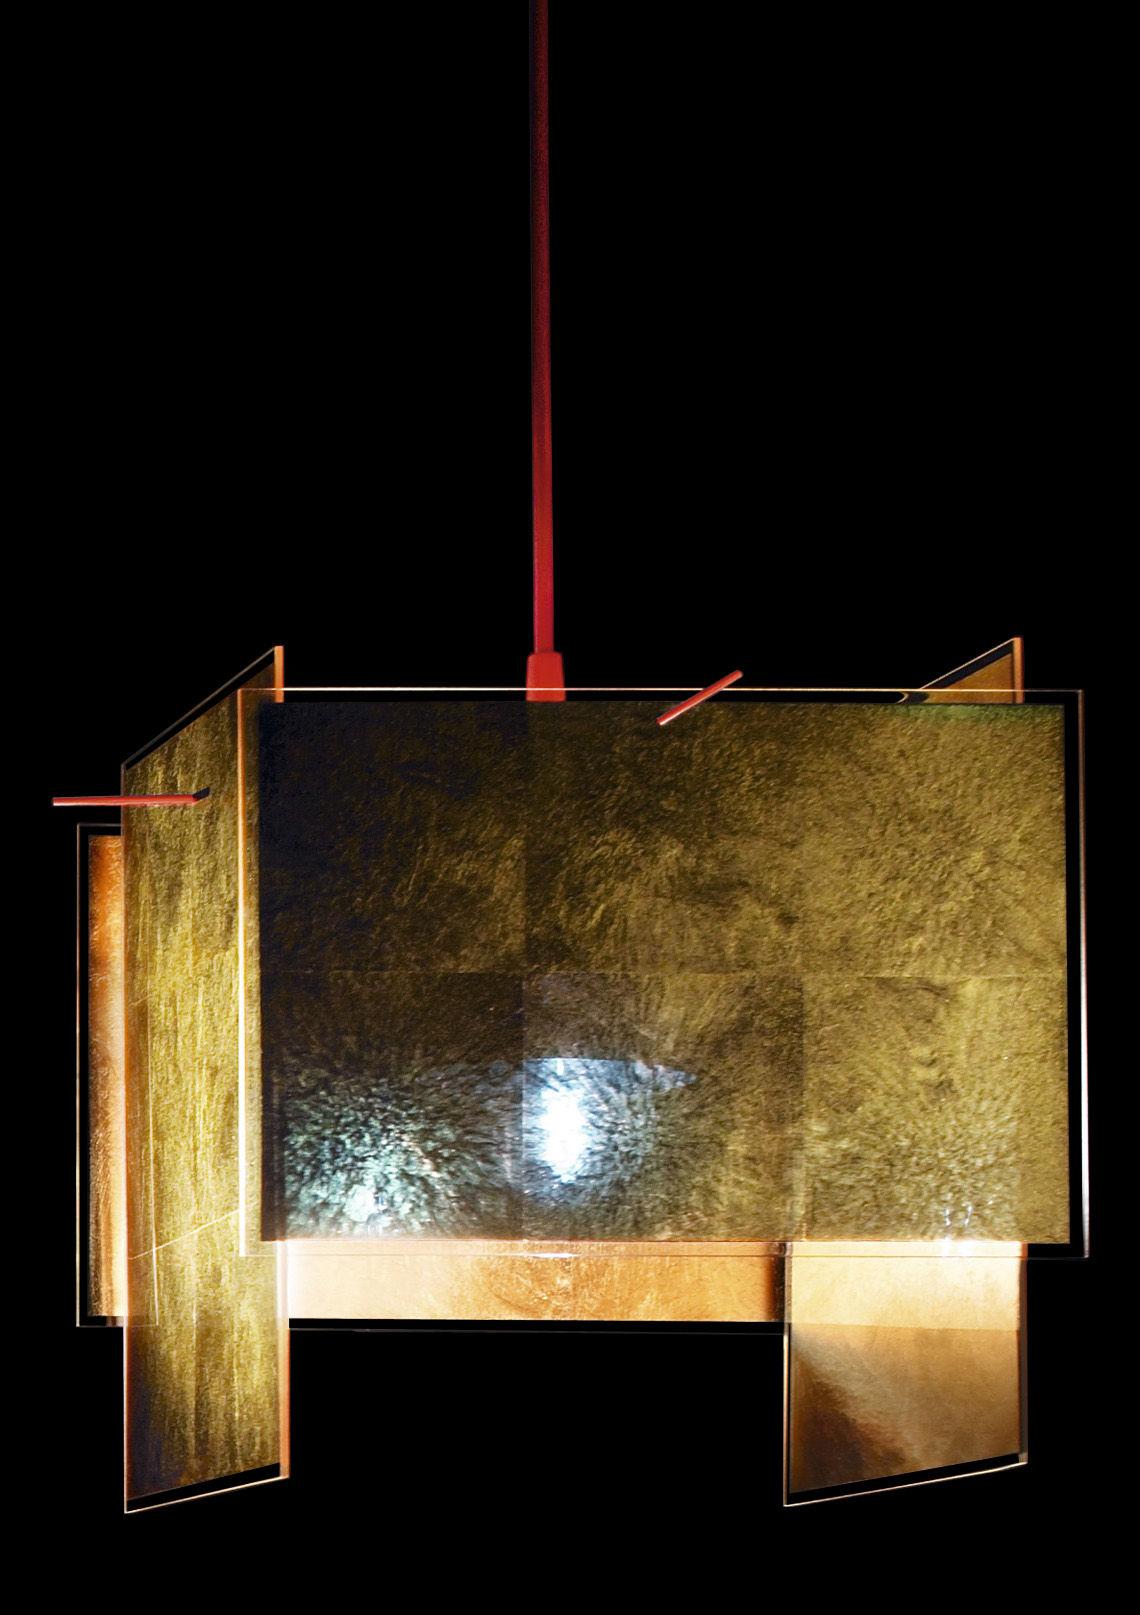 Luminaire - Suspensions - Suspension 24 Karat Blau / Feuille d'or - 26 x 26 cm - Ingo Maurer - Or & rouge / Câble L 450 cm - Feuille d'or, Plastique